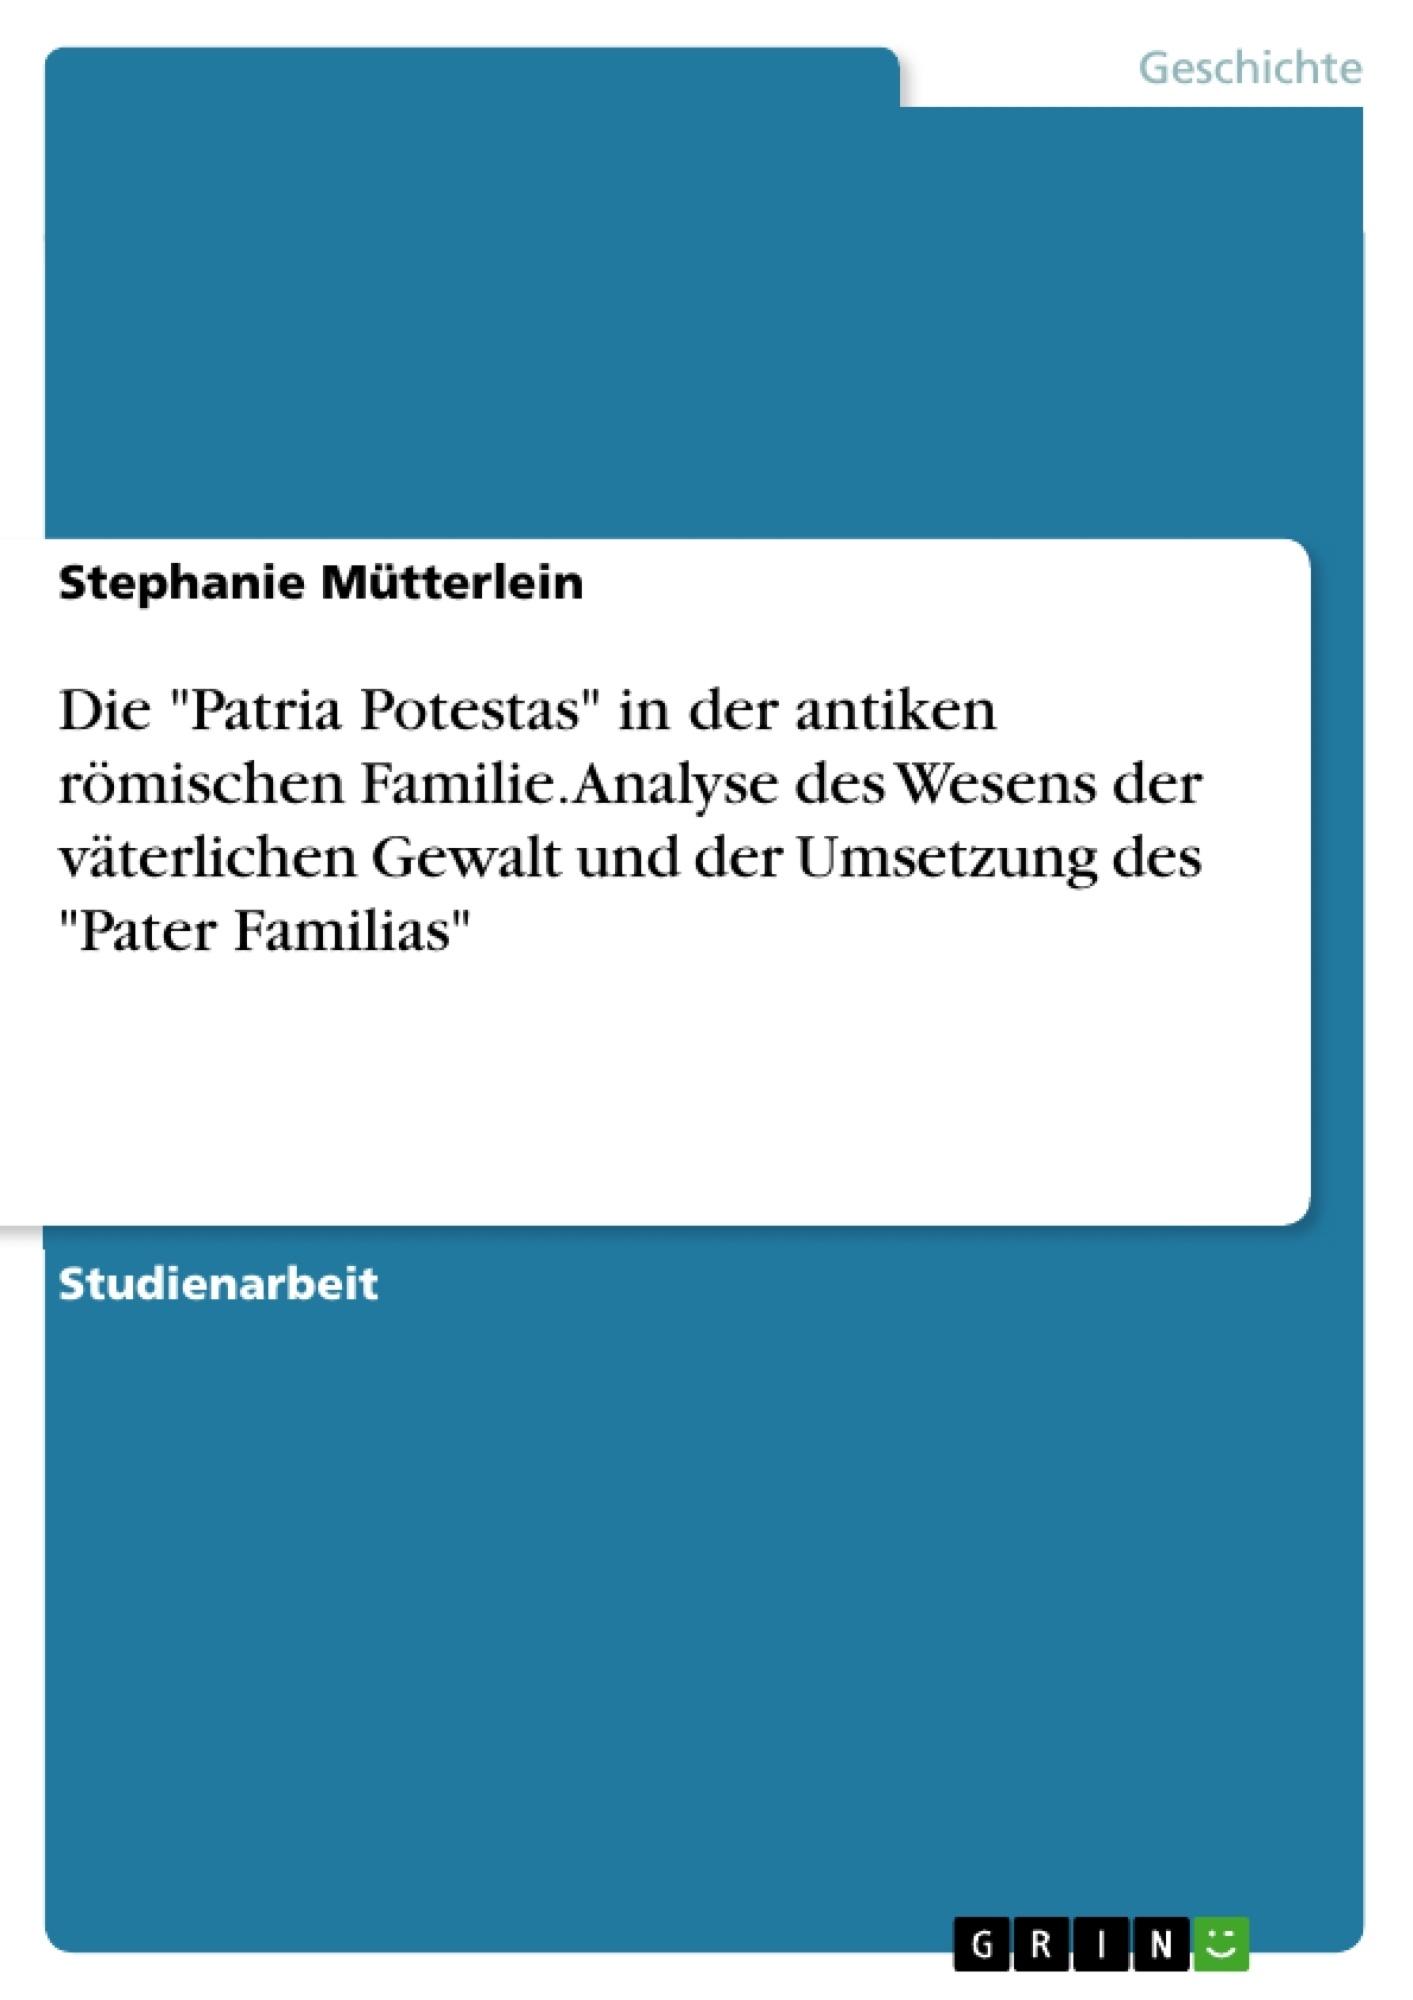 """Titel: Die """"Patria Potestas"""" in der antiken römischen Familie. Analyse des Wesens der väterlichen Gewalt und der Umsetzung des """"Pater Familias"""""""